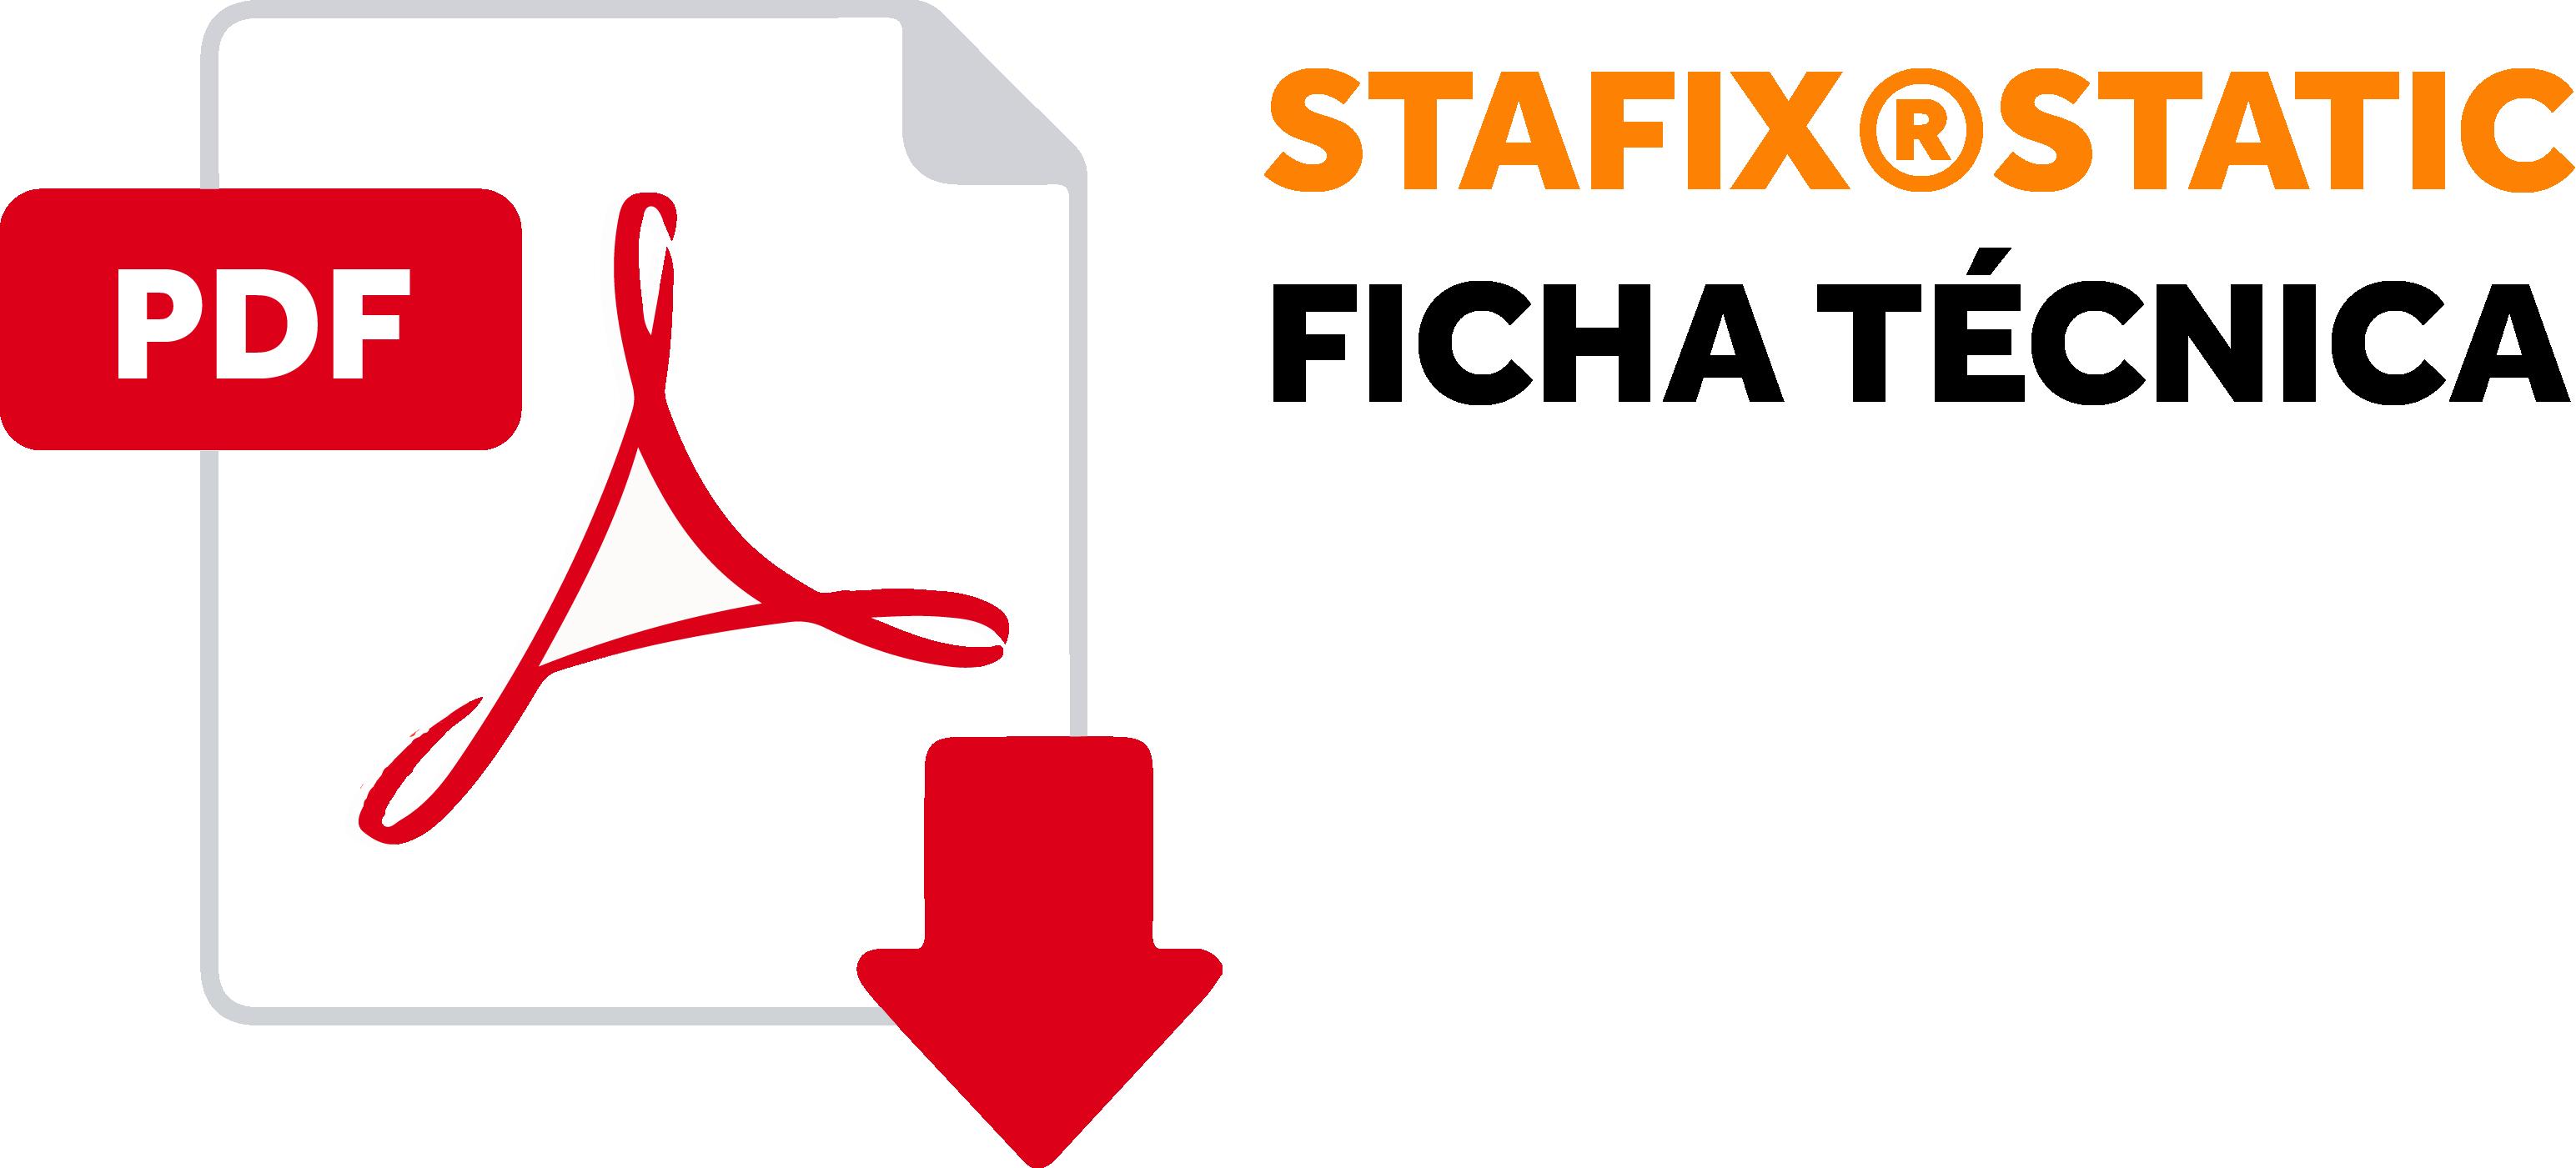 STAFIX_dowload_product_data_2_2015_ENG